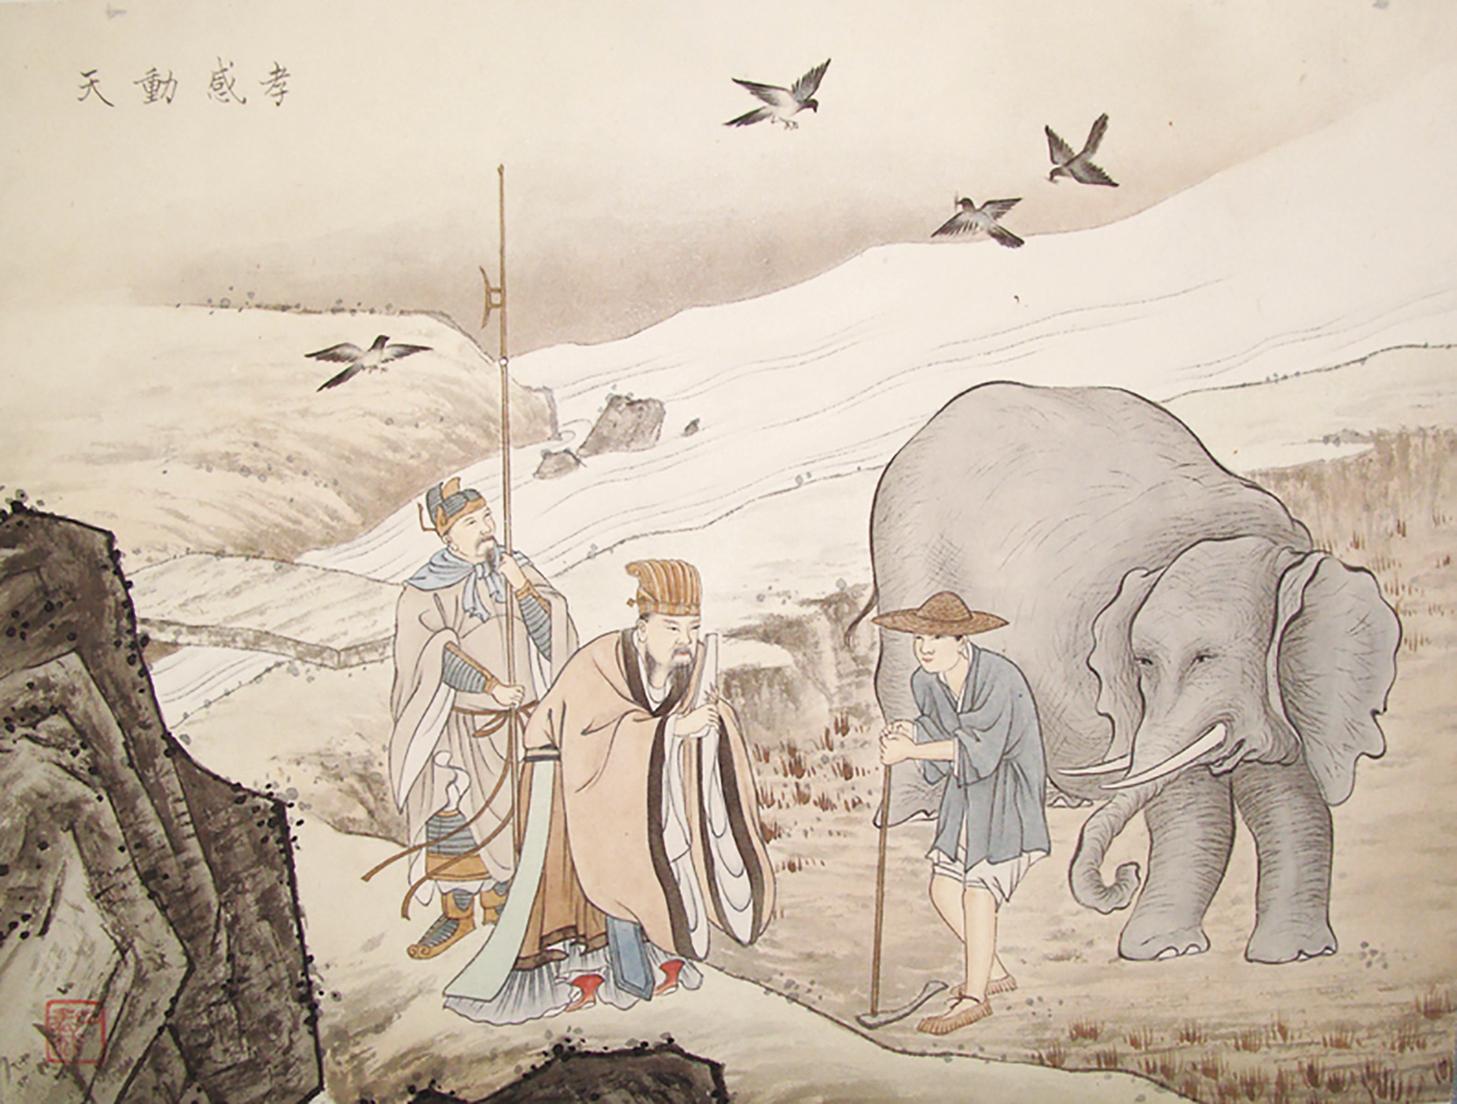 《二十四孝》圖之一。舜孝感動天,在歷山耕種,有象耕鳥耘,堯派人尋訪到他。(公有領域)